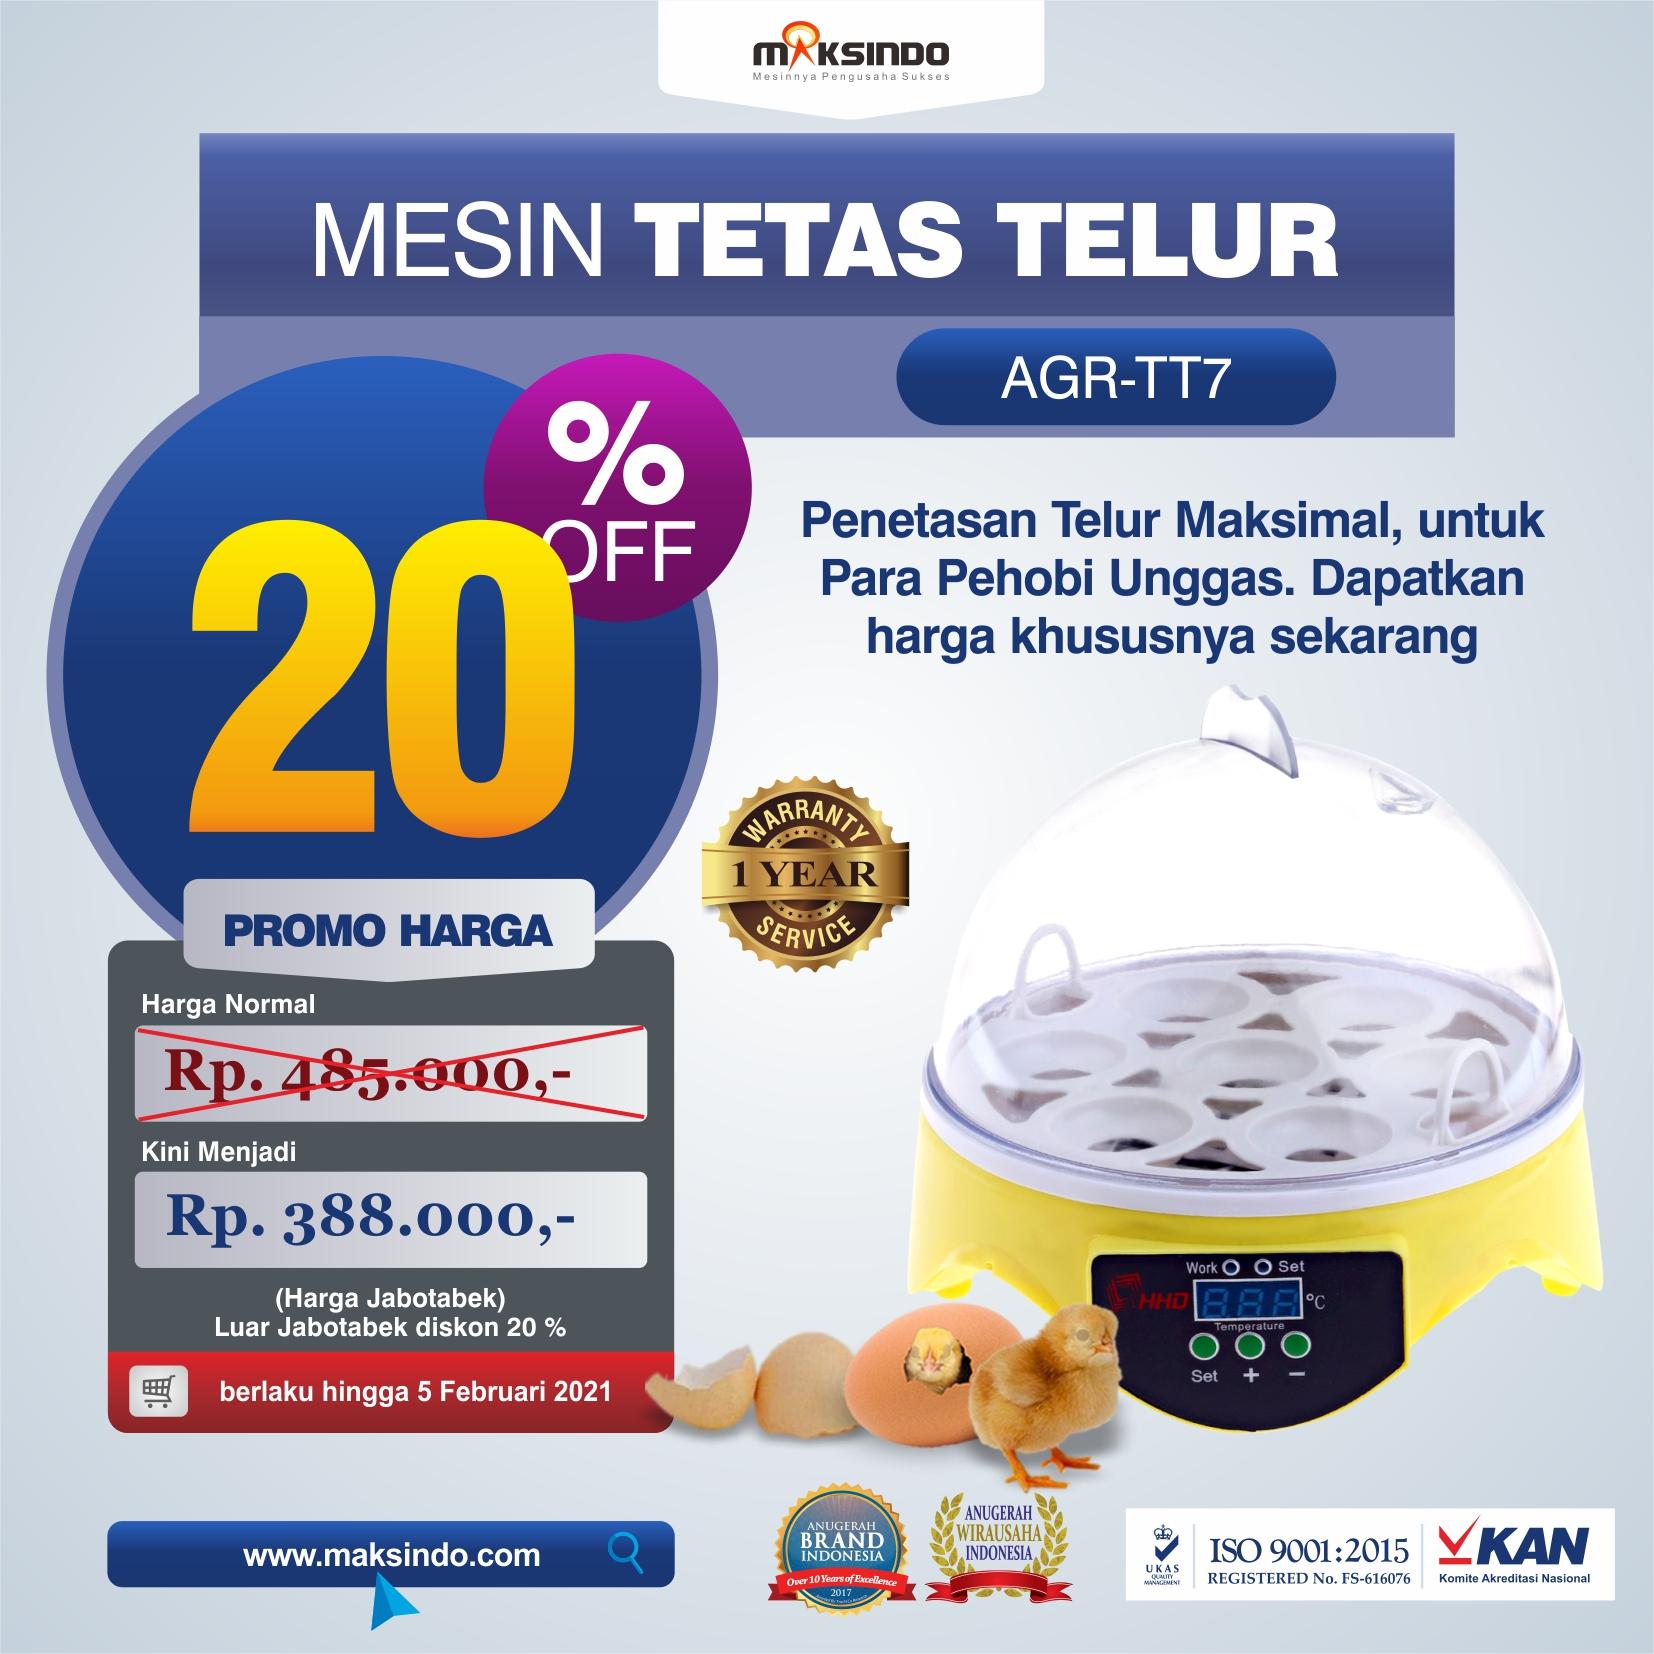 Jual Mesin Penetas Telur 7 Butir di Medan